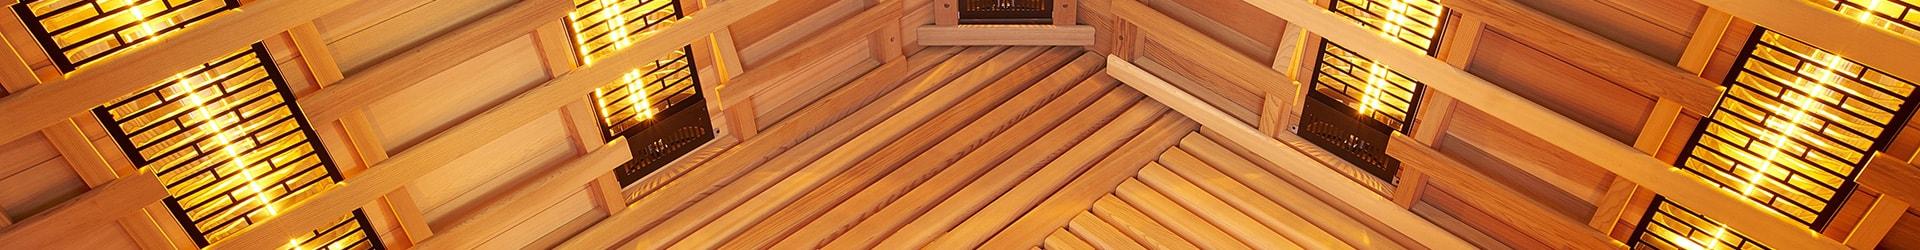 Sunspa Sauna Gent